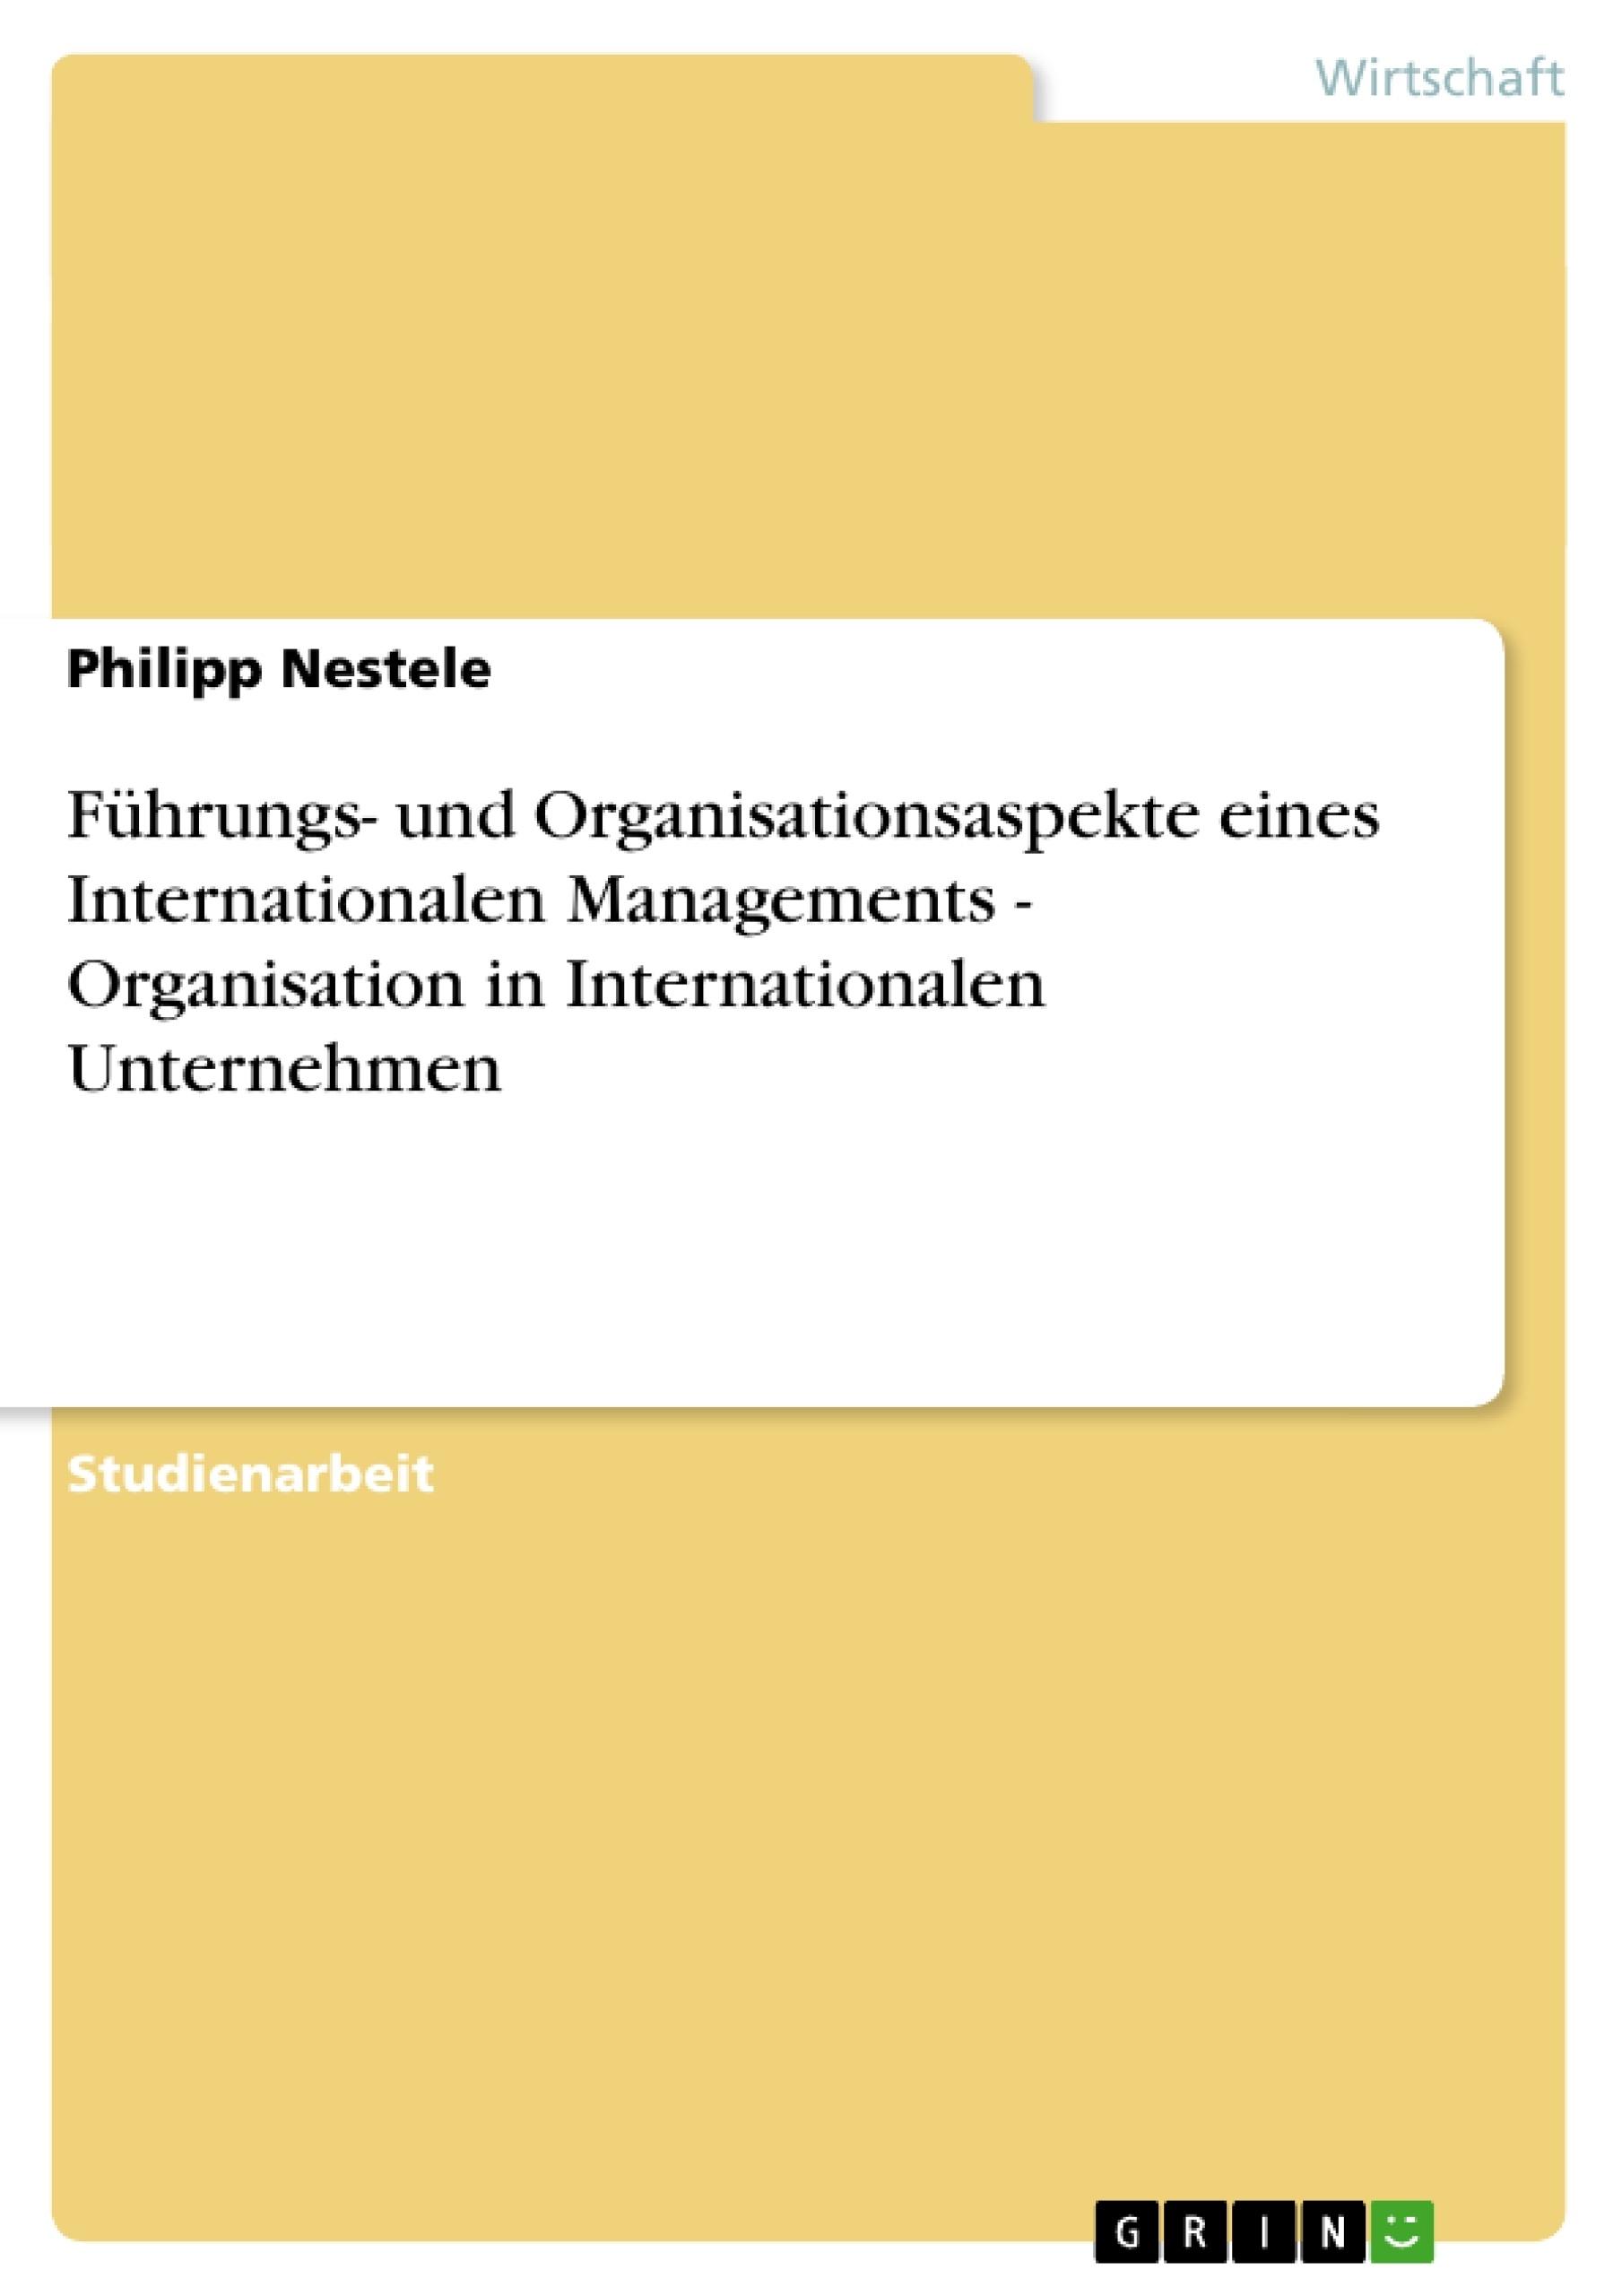 Titel: Führungs- und Organisationsaspekte eines Internationalen Managements - Organisation in Internationalen Unternehmen